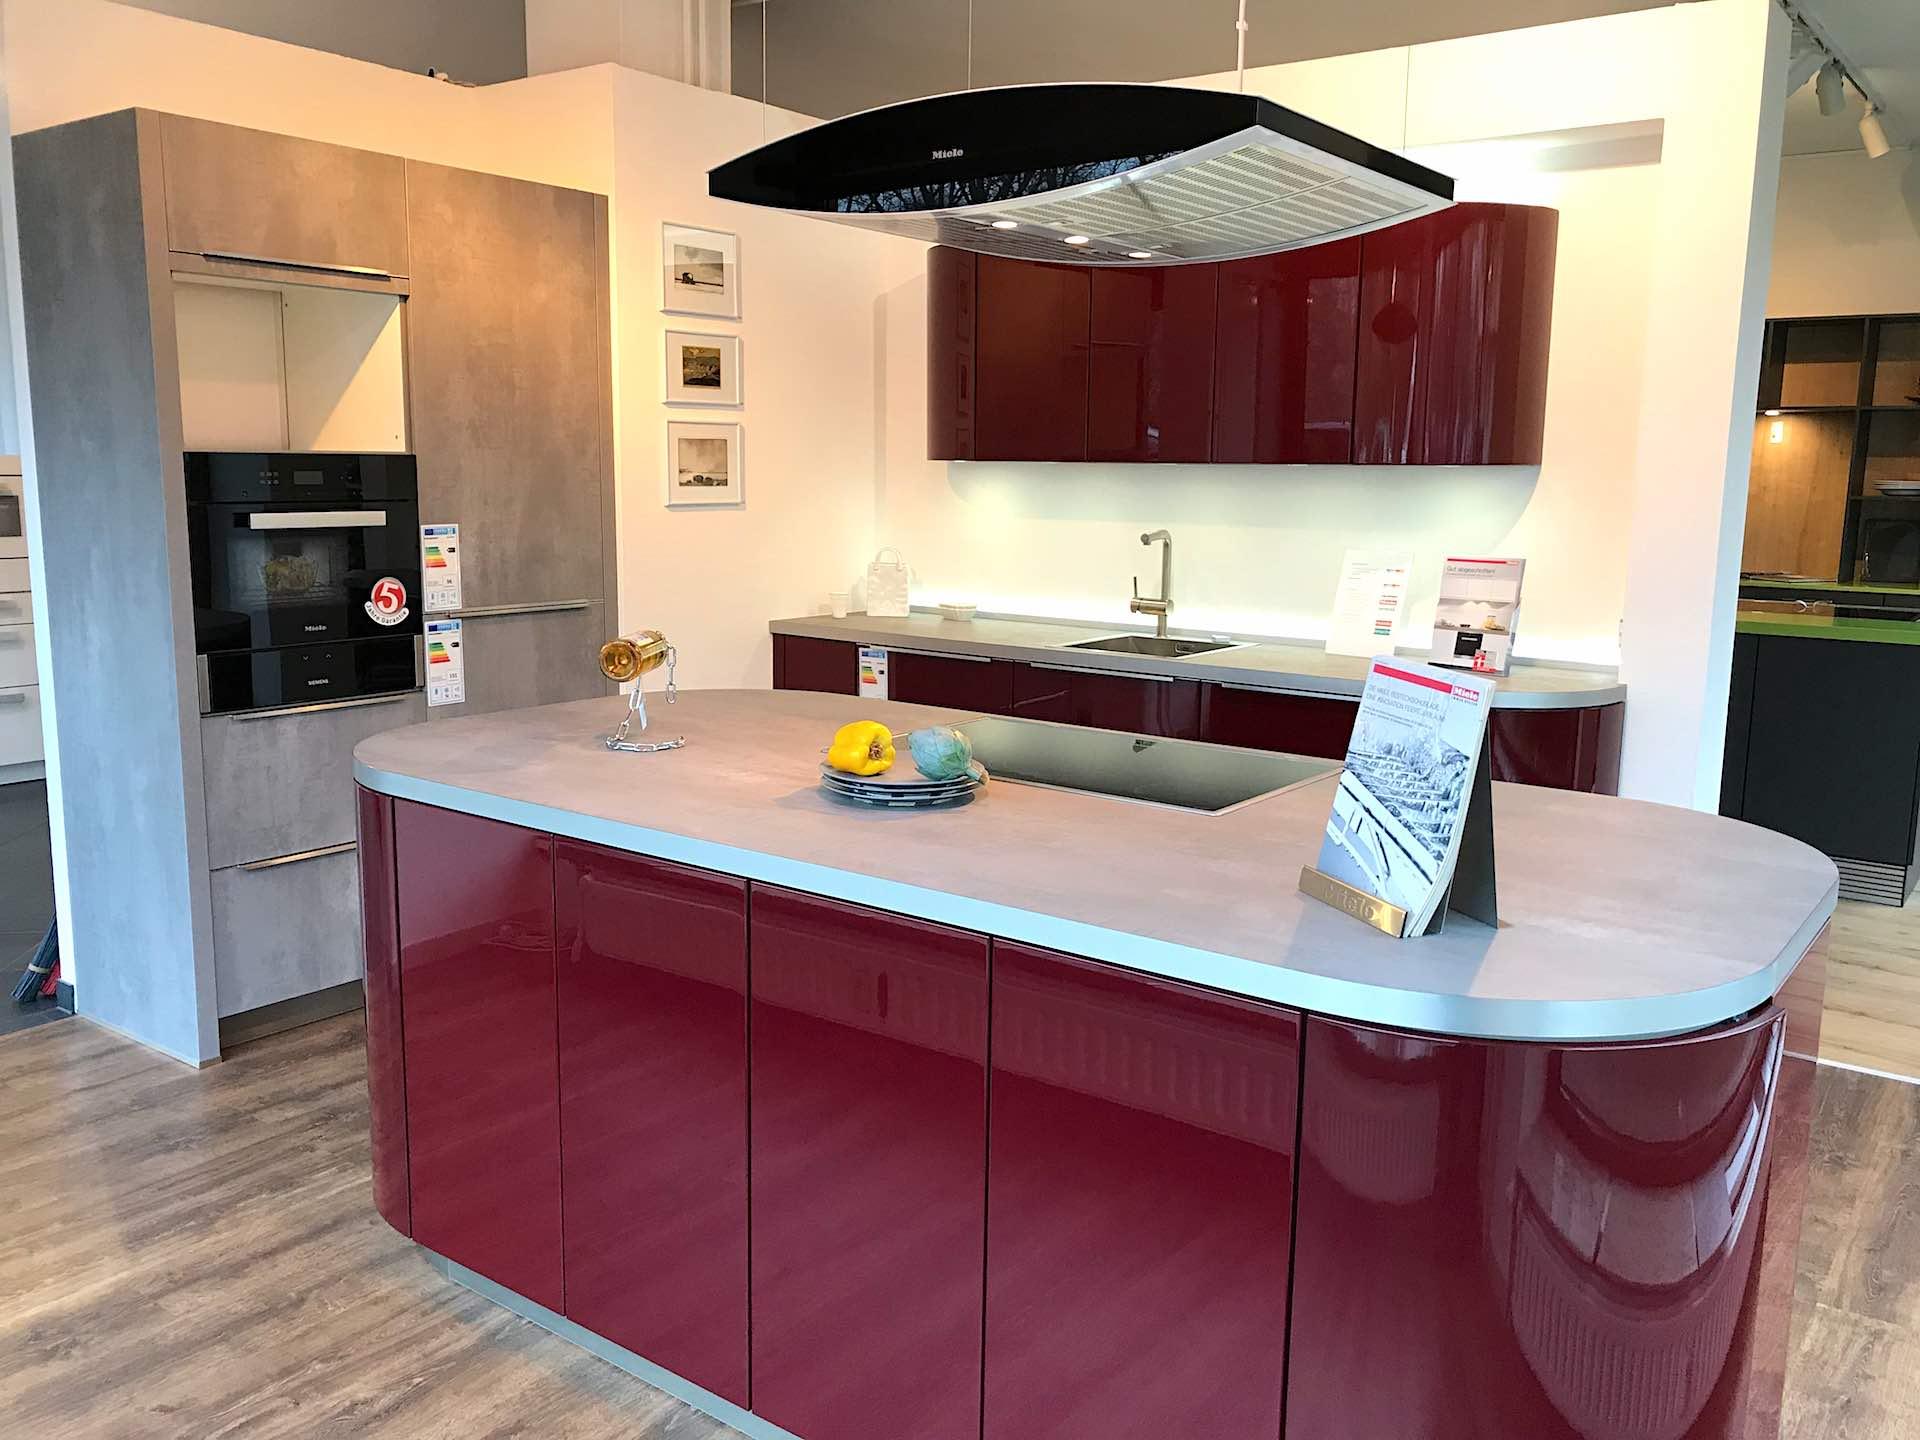 Runde Küche in Weinrot mit Beton Elementen im Abverkauf